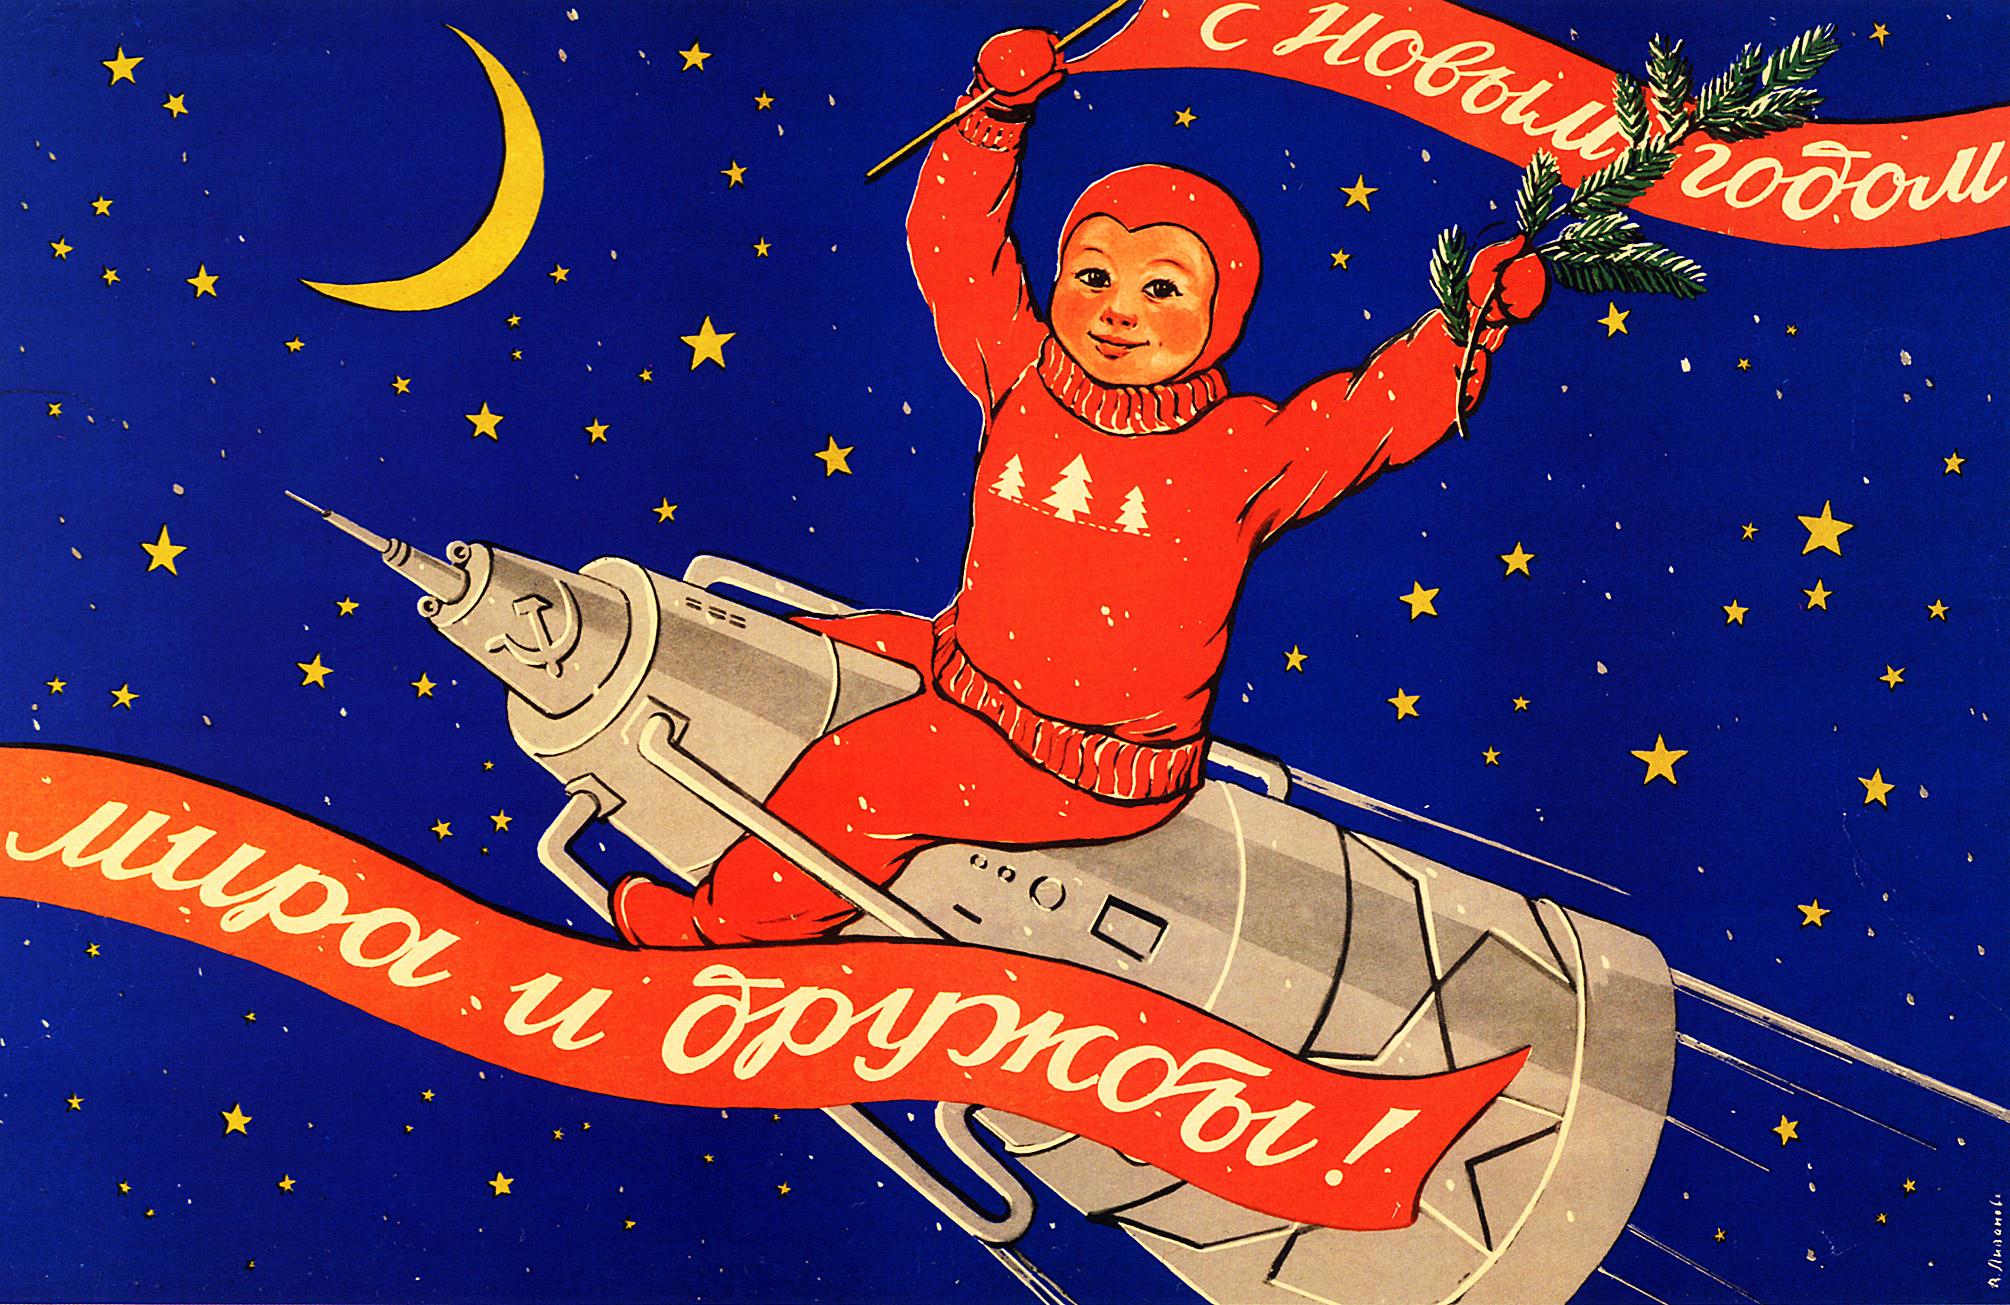 Звёздное небо и космос в картинках - Страница 3 Soviet-space-program-propaganda-poster-29